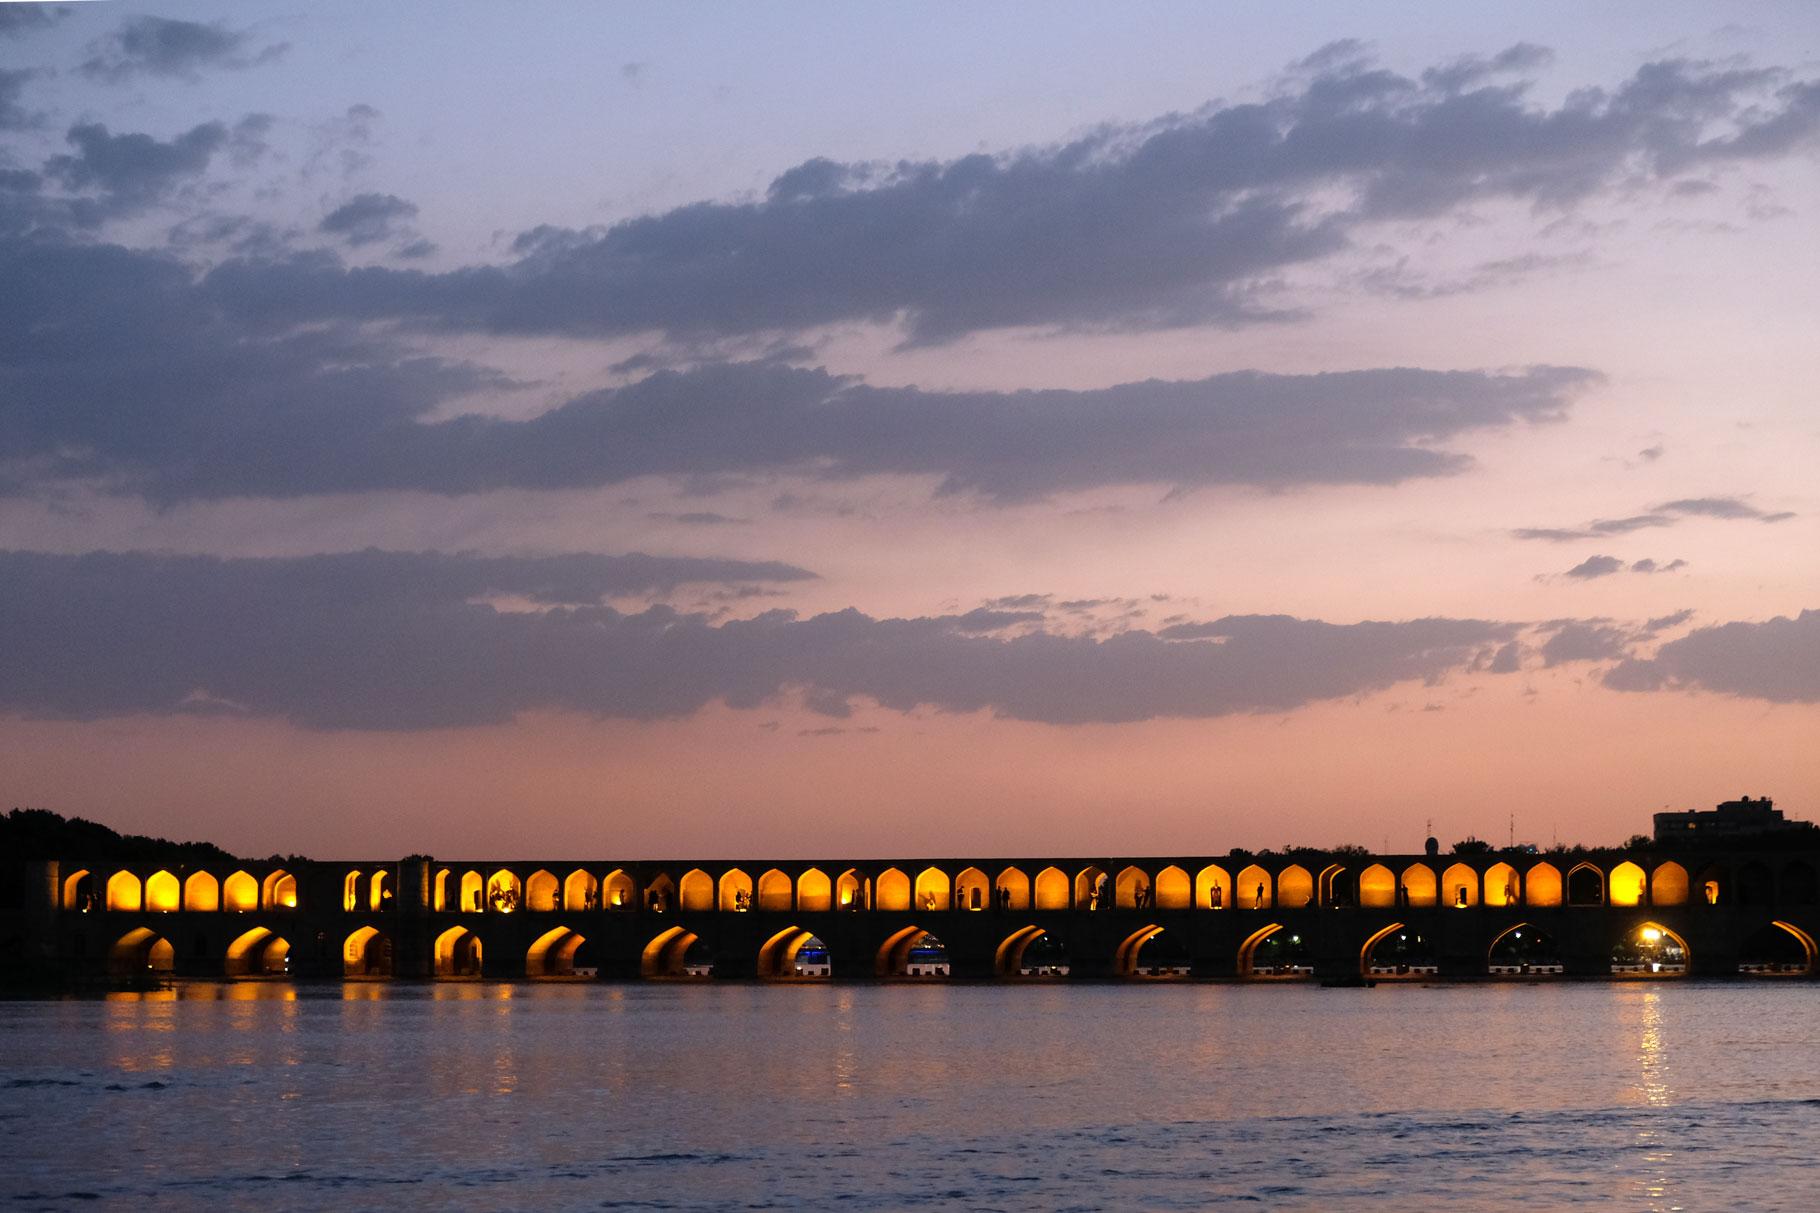 Steinbrücke über den Zayandeh-Fluss